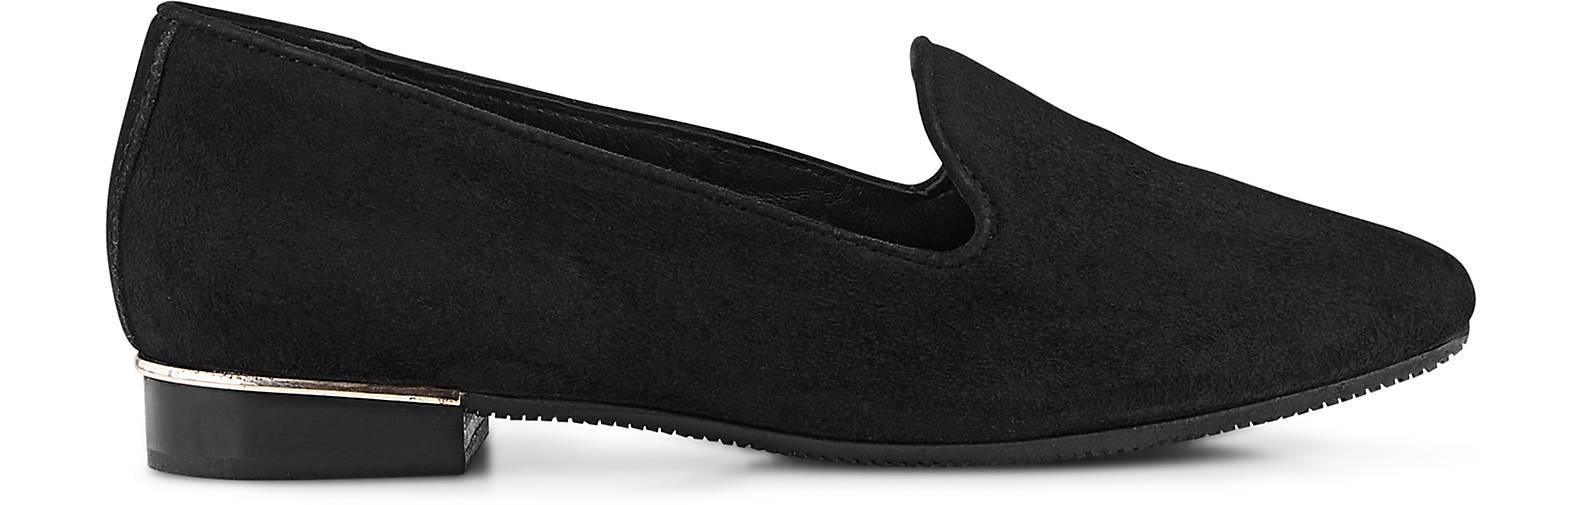 Cox Velours-Loafer in schwarz schwarz schwarz kaufen - 47342401 | GÖRTZ eb10b5